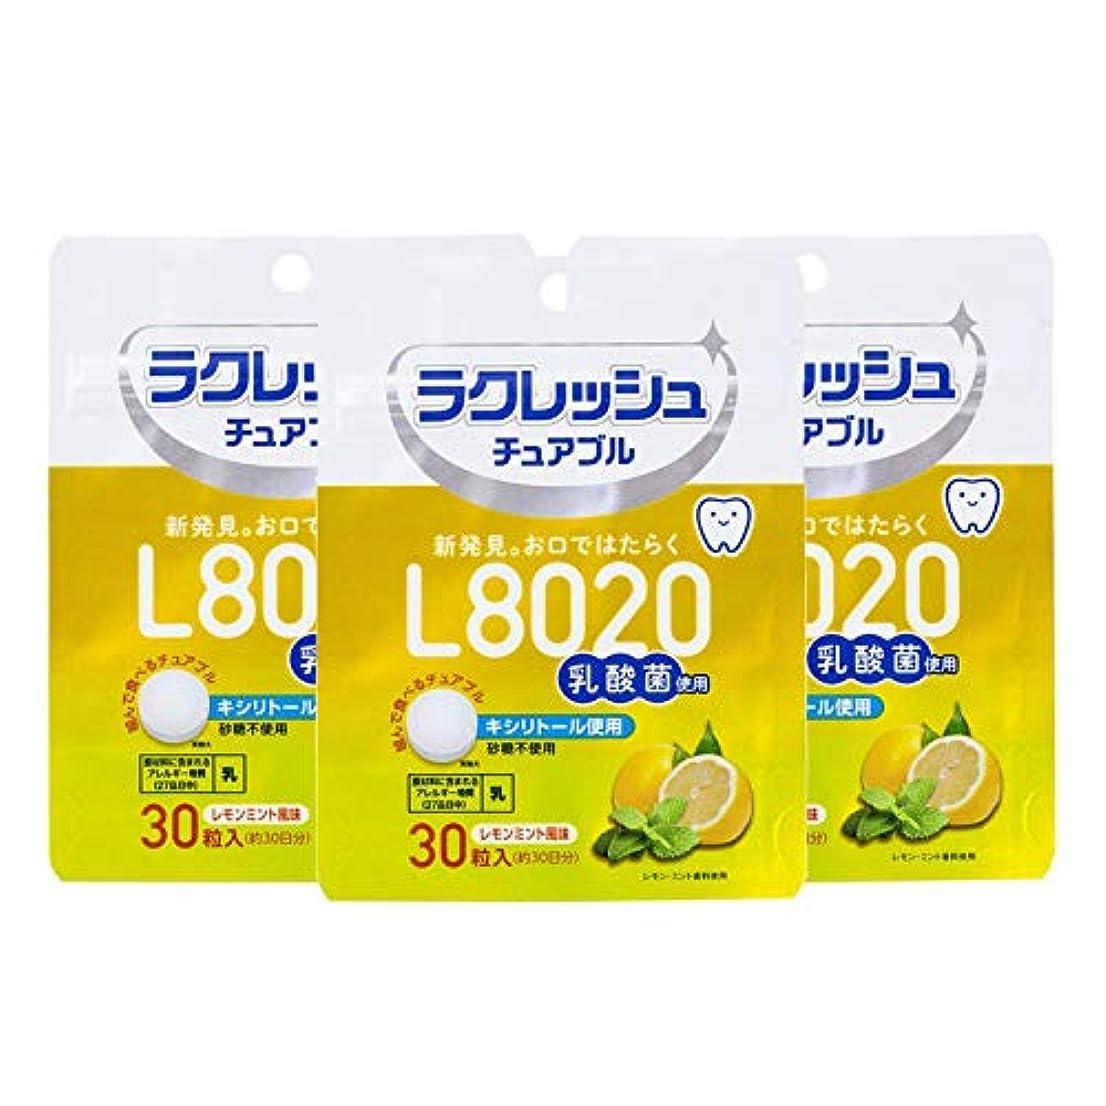 カトリック教徒本能フランクワースリーL8020乳酸菌ラクレッシュ チュアブル レモンミント風味(30粒) 3袋 タブレット